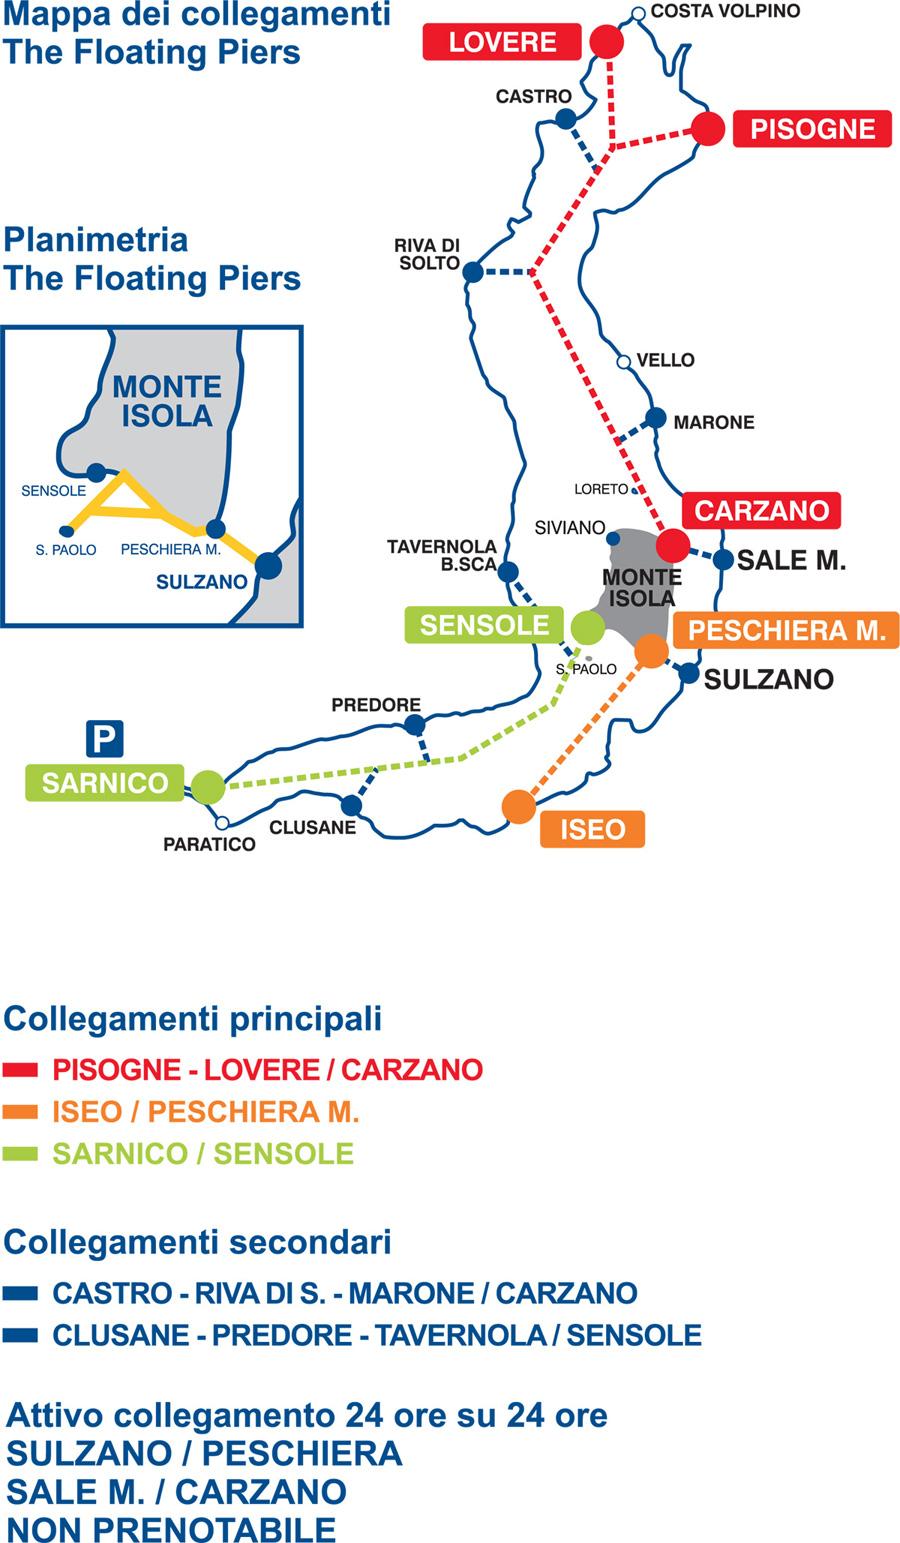 1806717436-mappa-collegamenti-lagodiseo-it